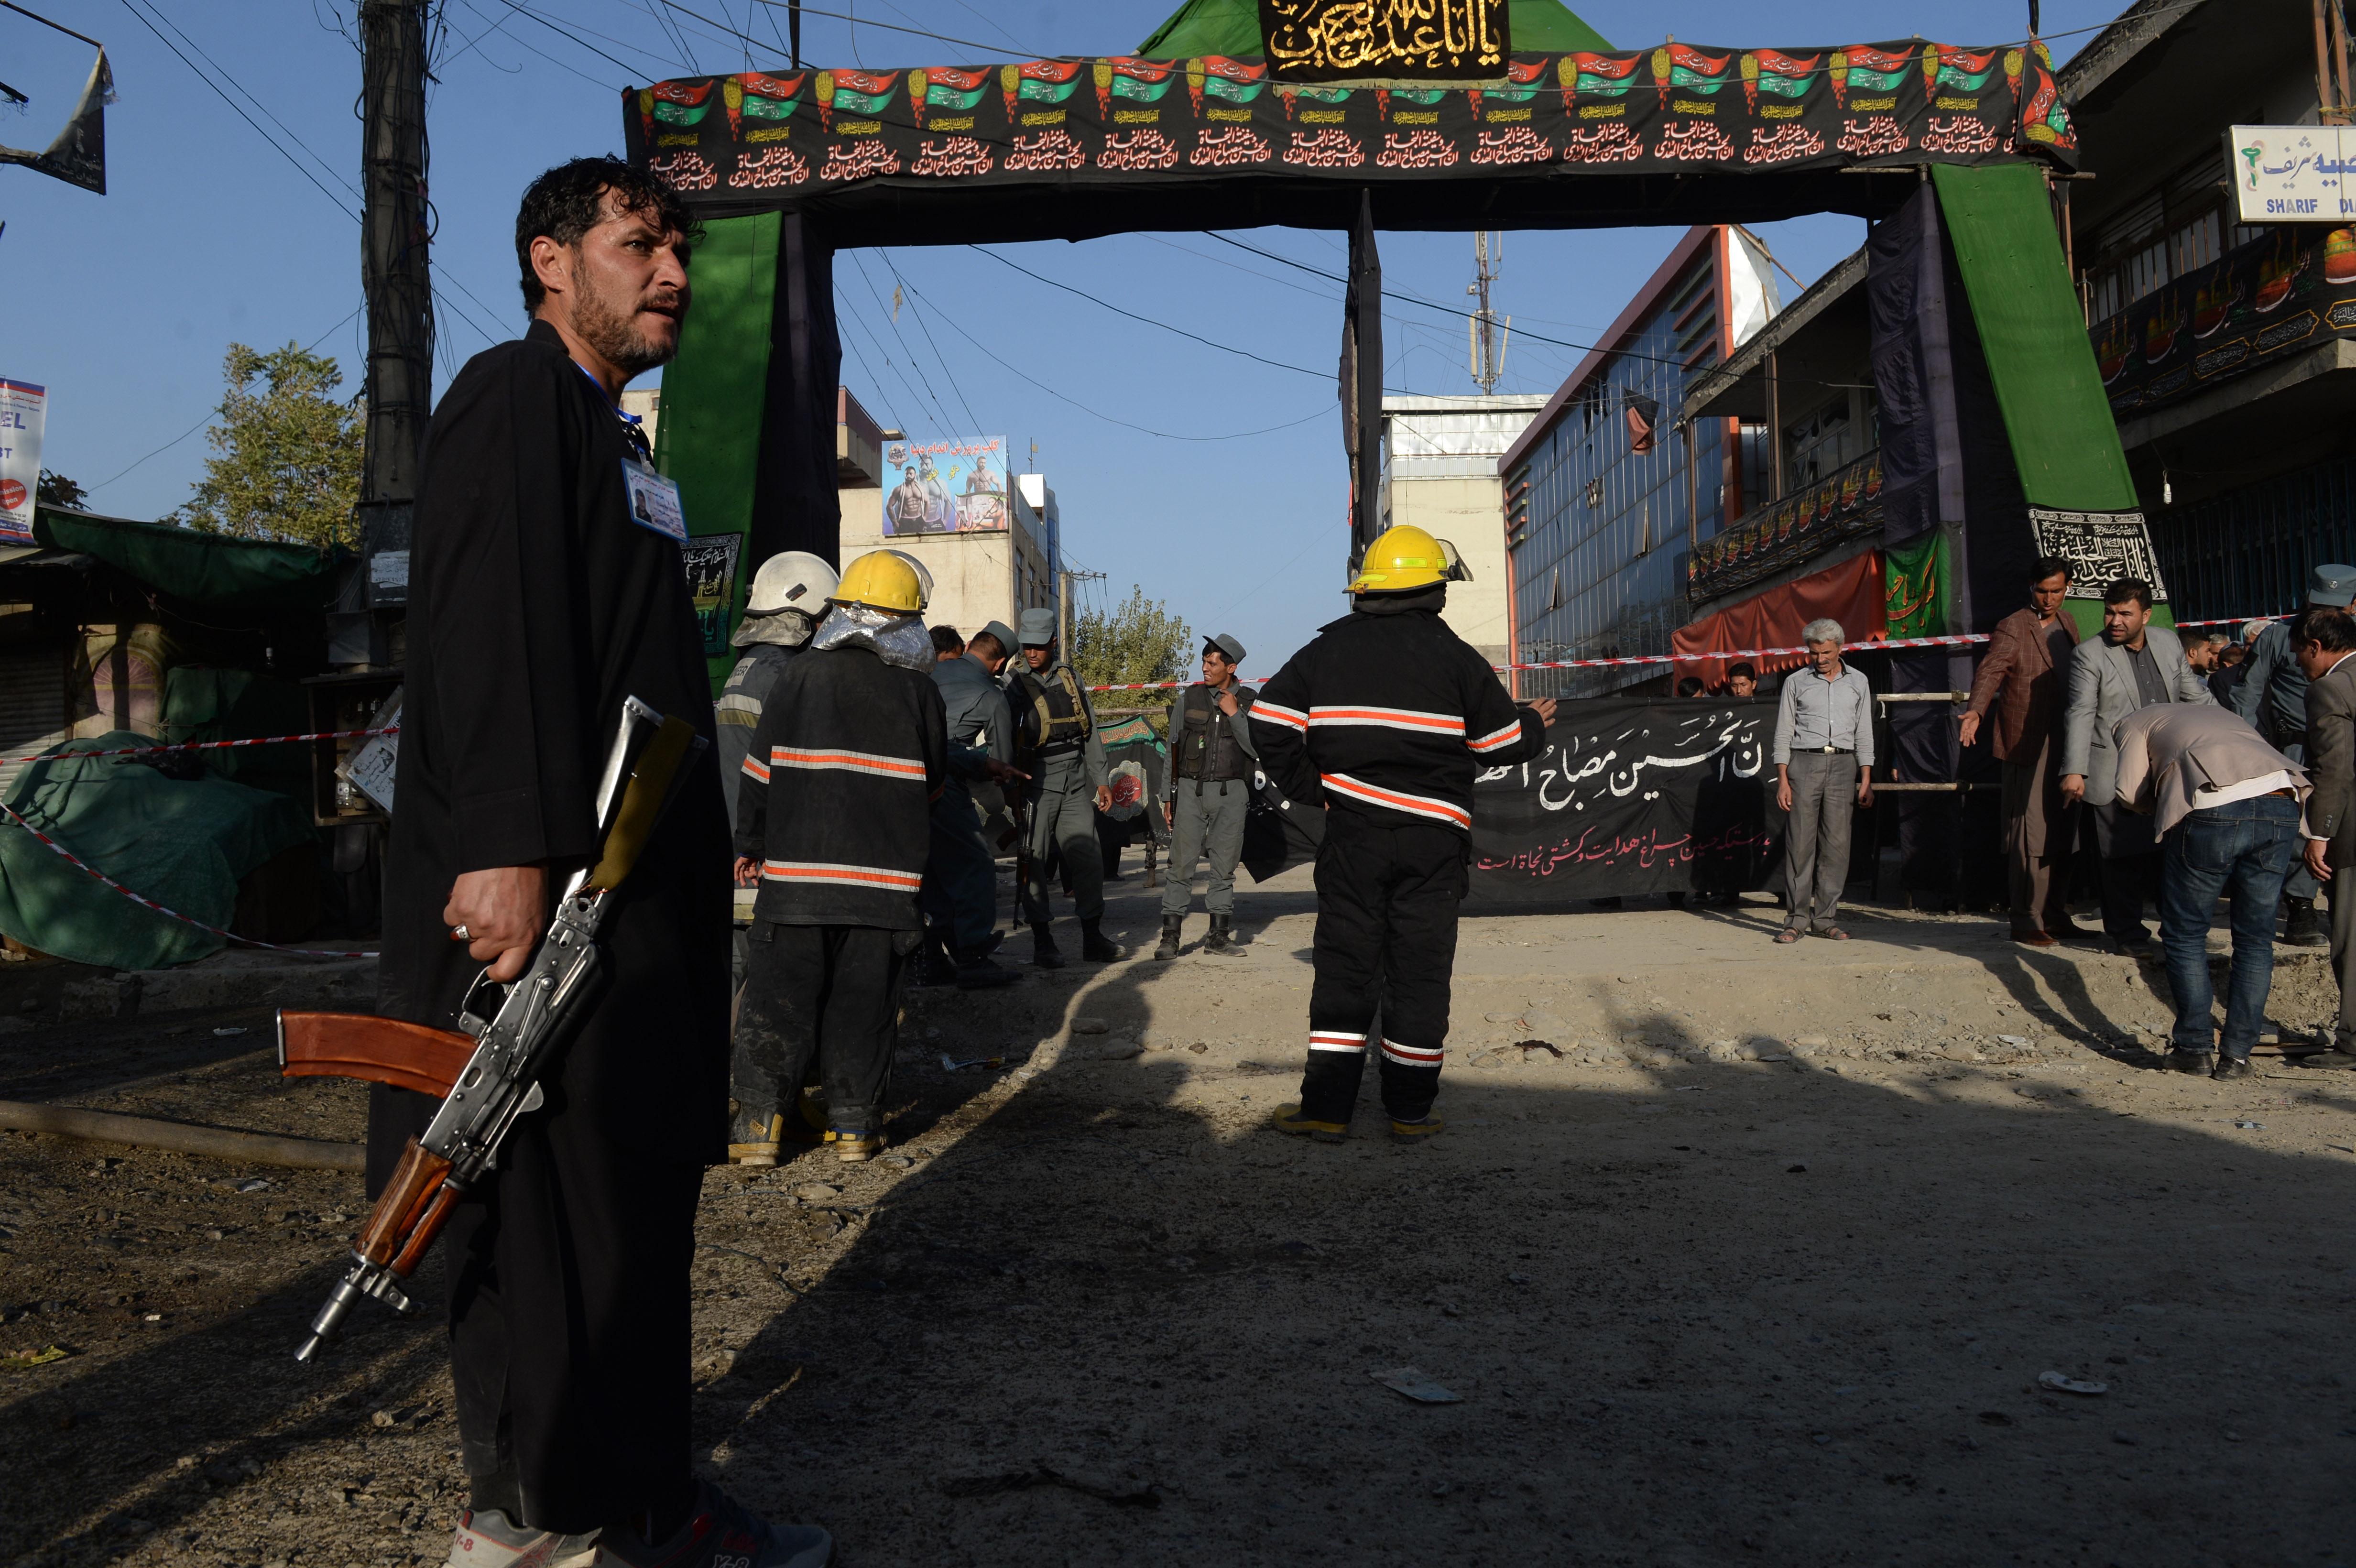 قوای امنیتی بمب گذاران انتحاری در لباس «چوپان» را در خارج مسجد کابل متوقف کردند